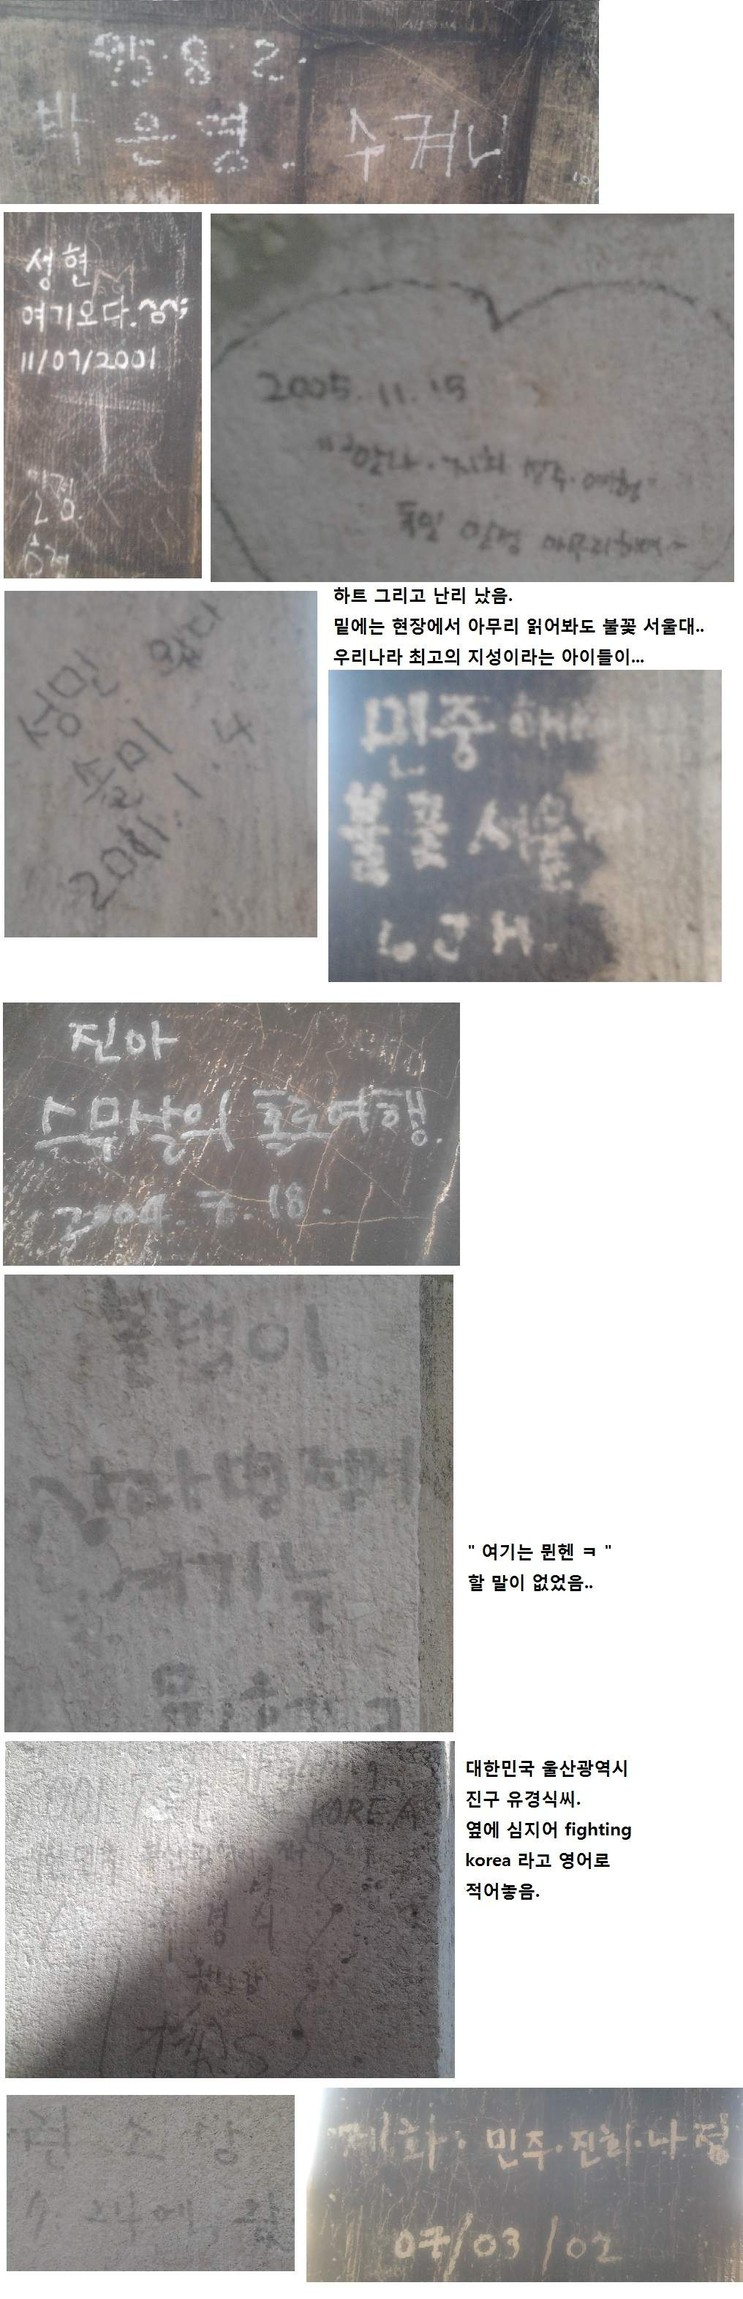 김치맨의 종특